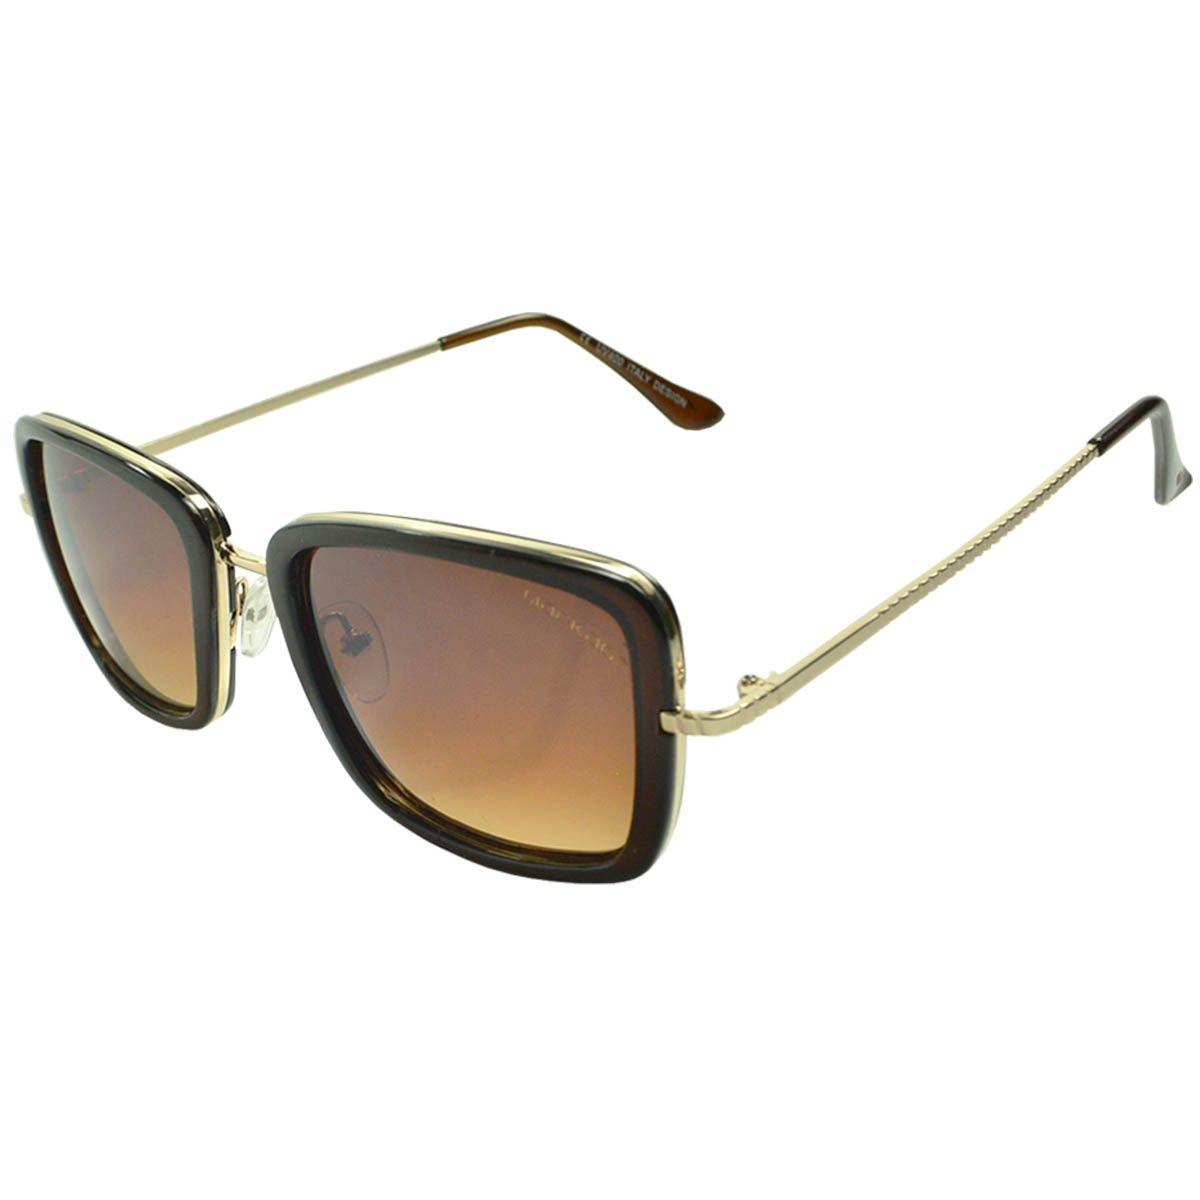 60240015d6 Óculos De Sol Feminino Mackage Mk01420 - R$ 80,89 em Mercado Livre